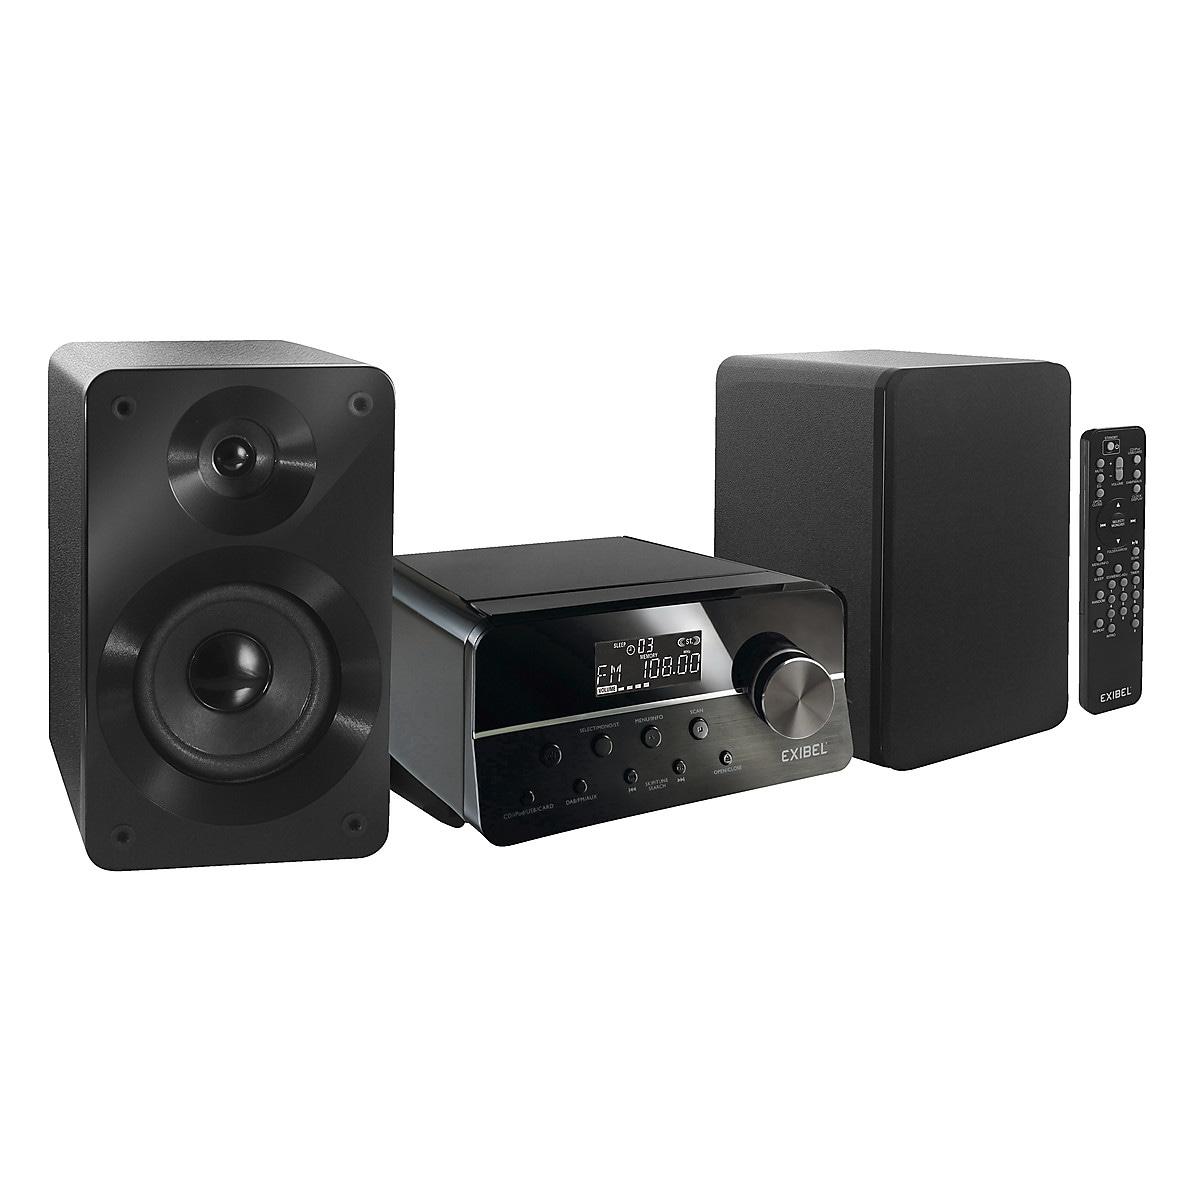 Exibel BDX600 musikkanlegg med Bluetooth og DAB+